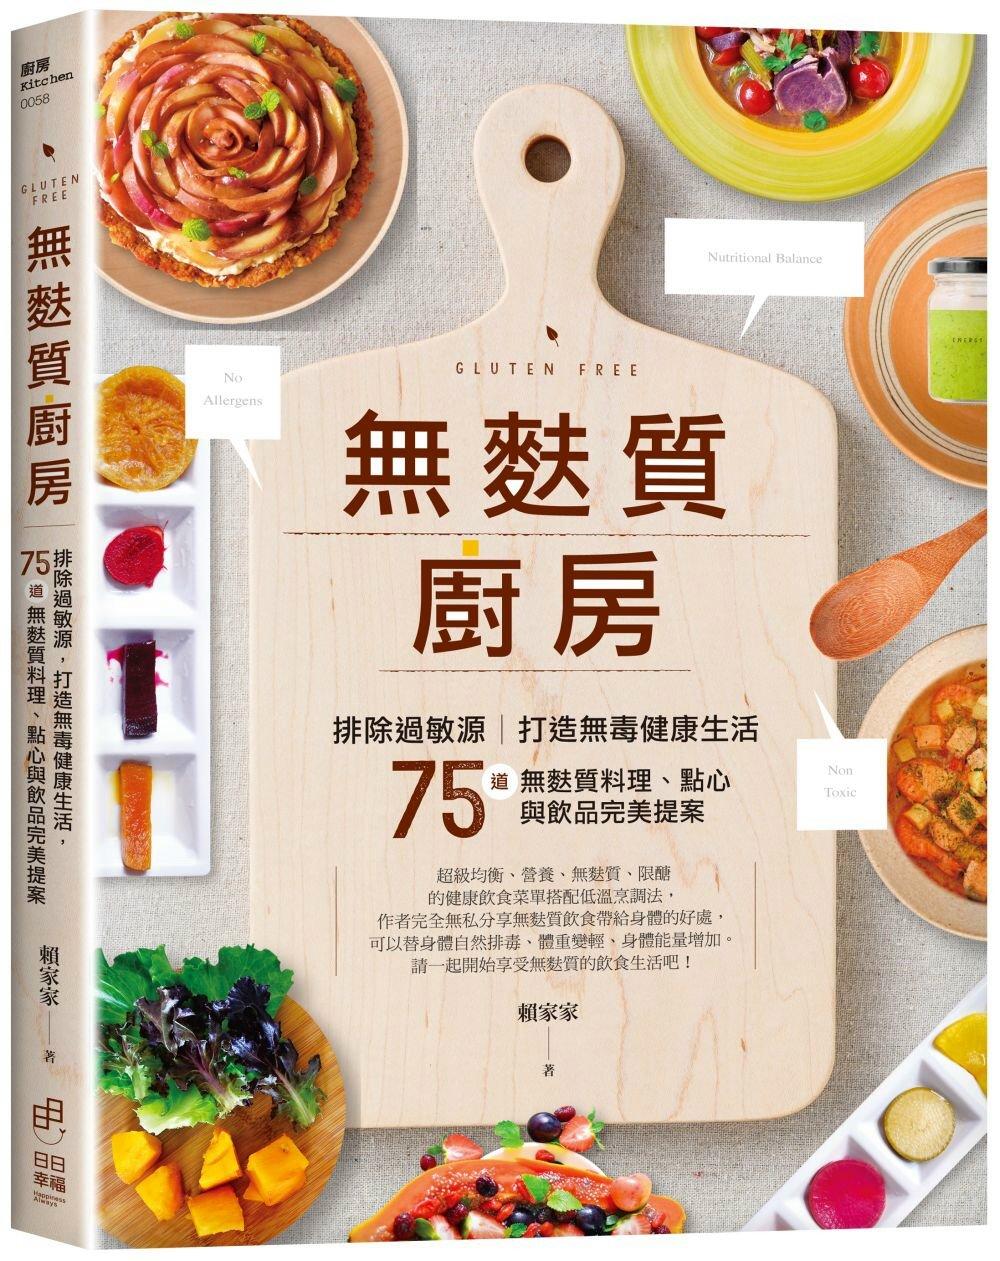 ◤博客來BOOKS◢ 暢銷書榜《推薦》無麩質廚房:排除過敏源,打造無毒健康生活,75道無麩質料理、點心與飲品完美提案